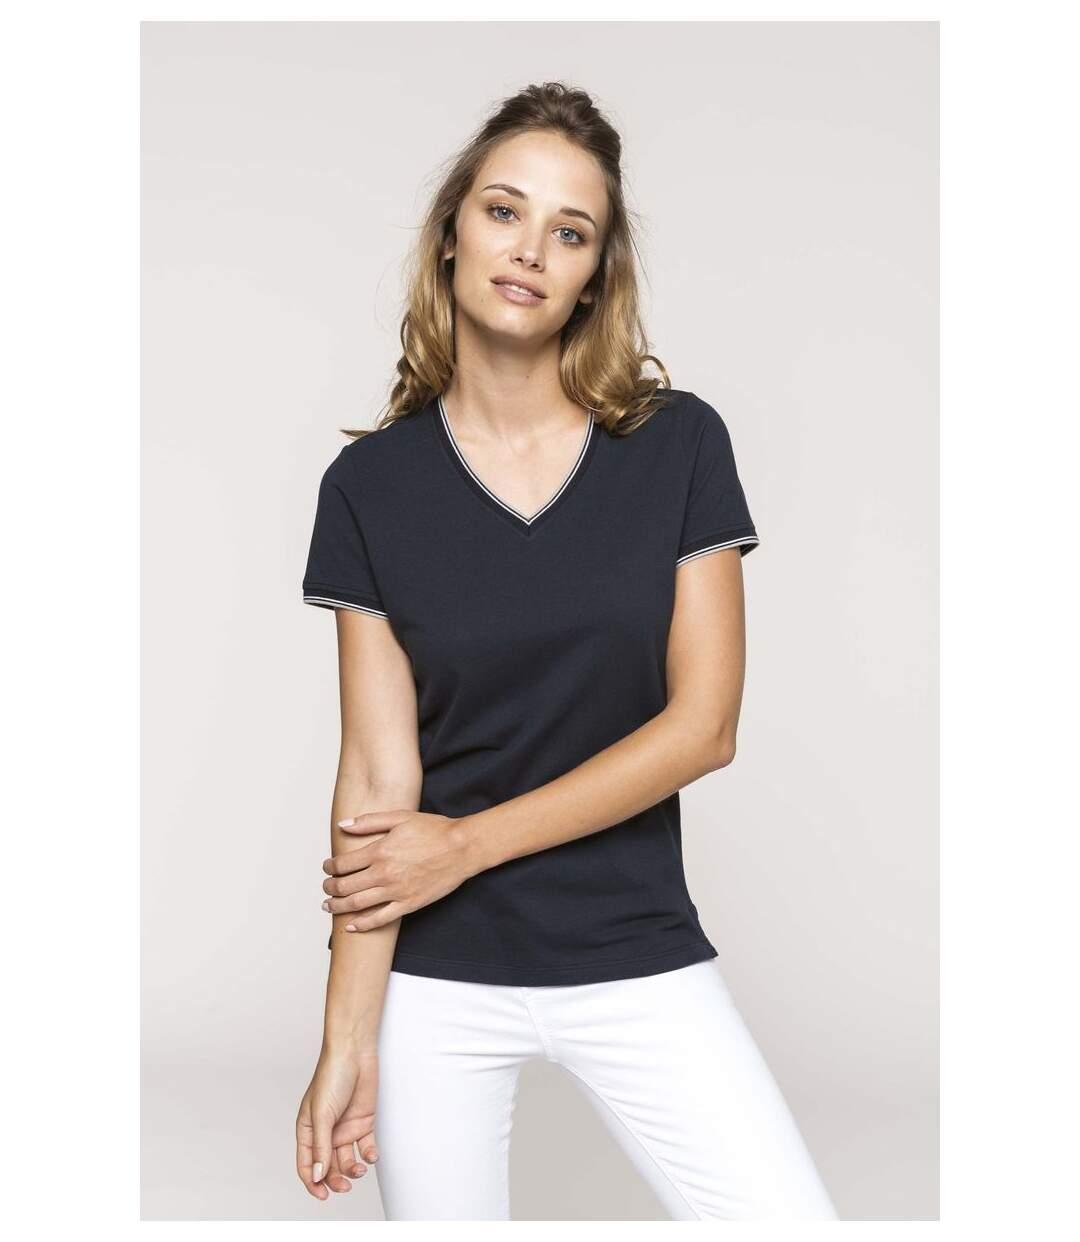 Dégagement T-shirt manches courtes coton piqué col V K394 bleu marine grey femme dsf.d455nksdKLFHG